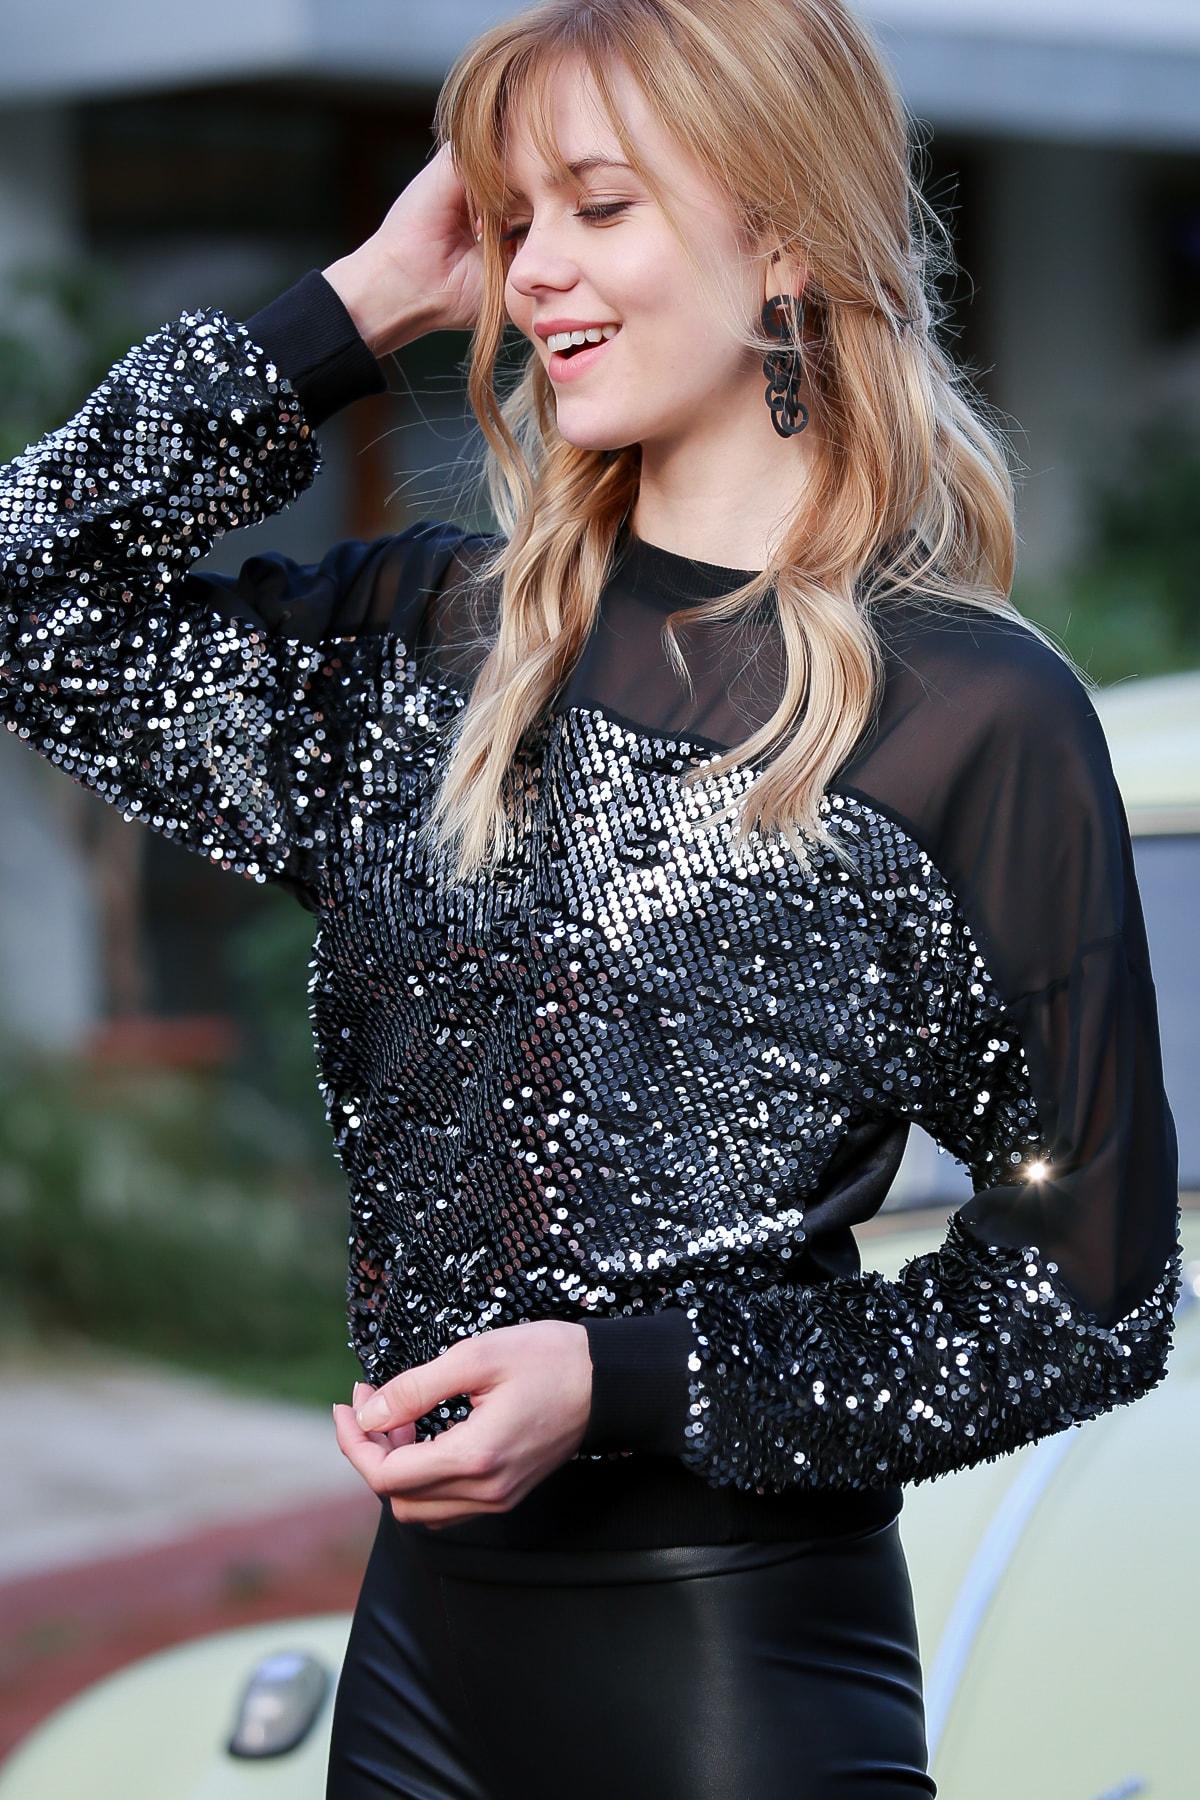 Chiccy Kadın Gümüş Omuzları Mesh Pul Payetli Bluz M10010200BL96832 0